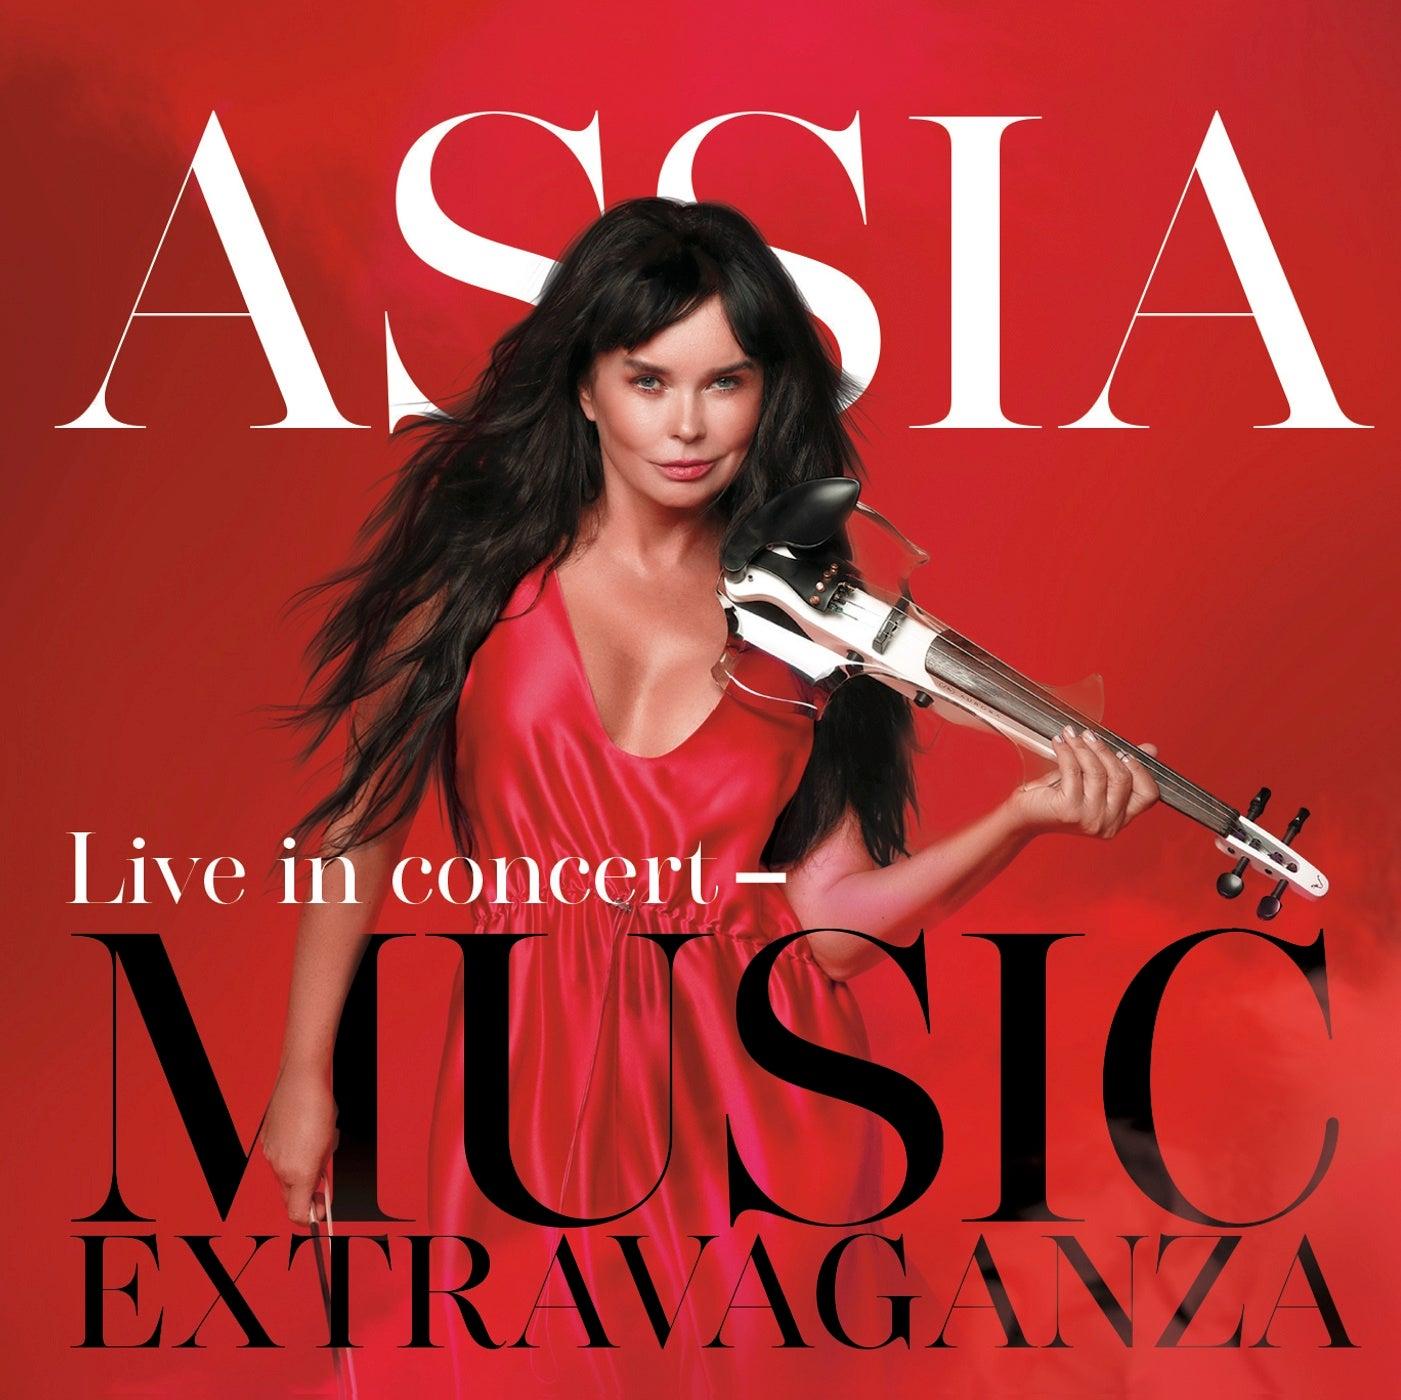 Assia Ahhatt: A Musical Extravaganza